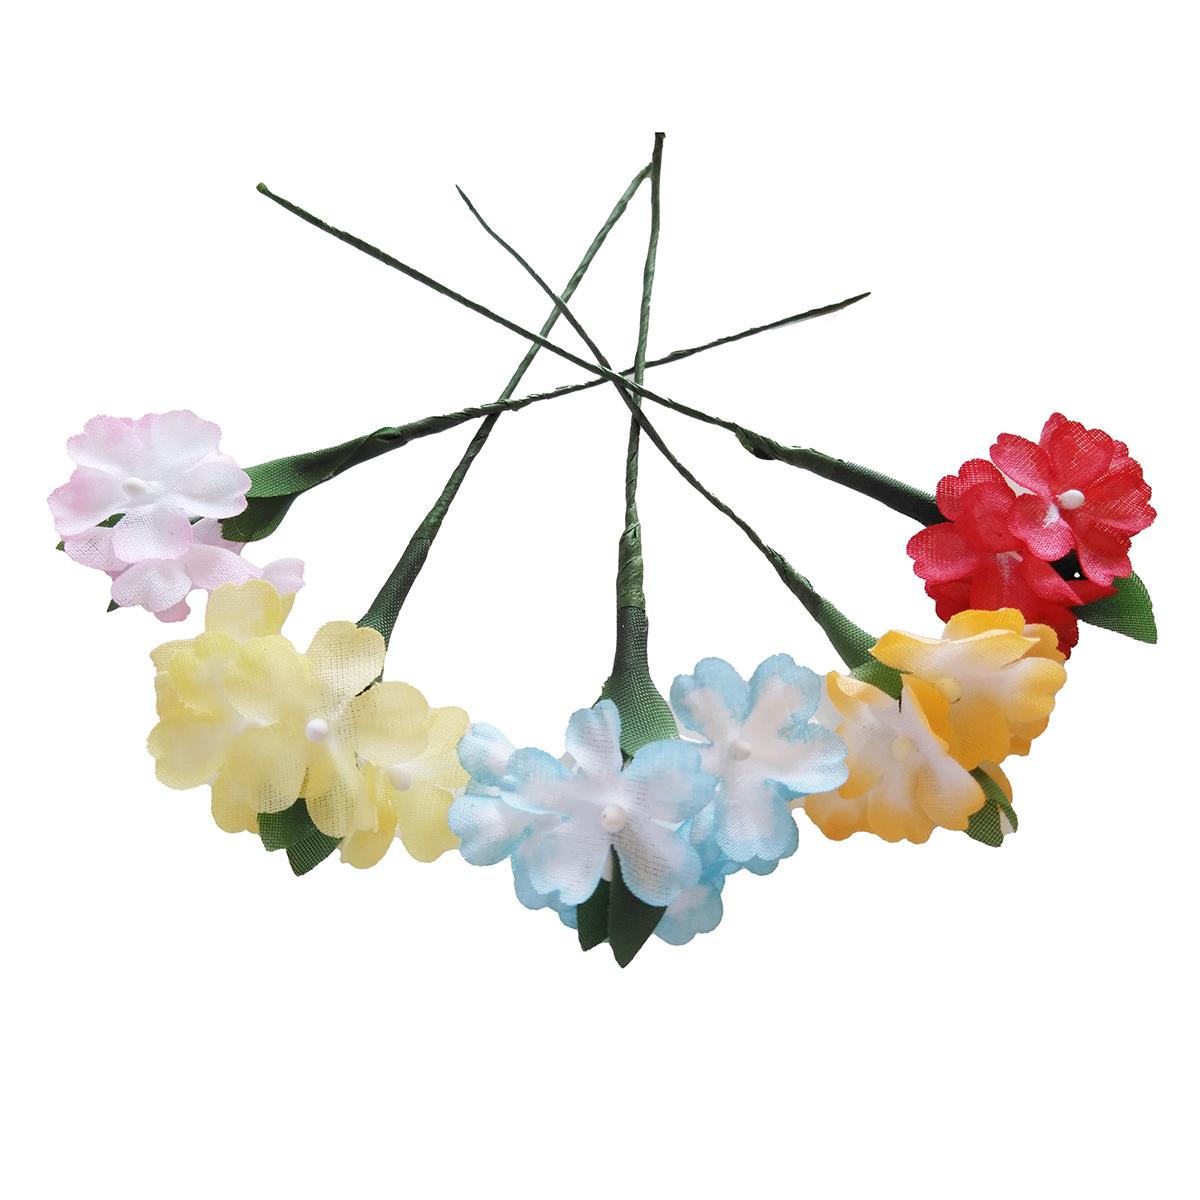 造花 メール便対応  アウトレット造花 ハイドランジア 202ボカシ ラッピング フラワー 髪飾りの作り方を動画で紹介